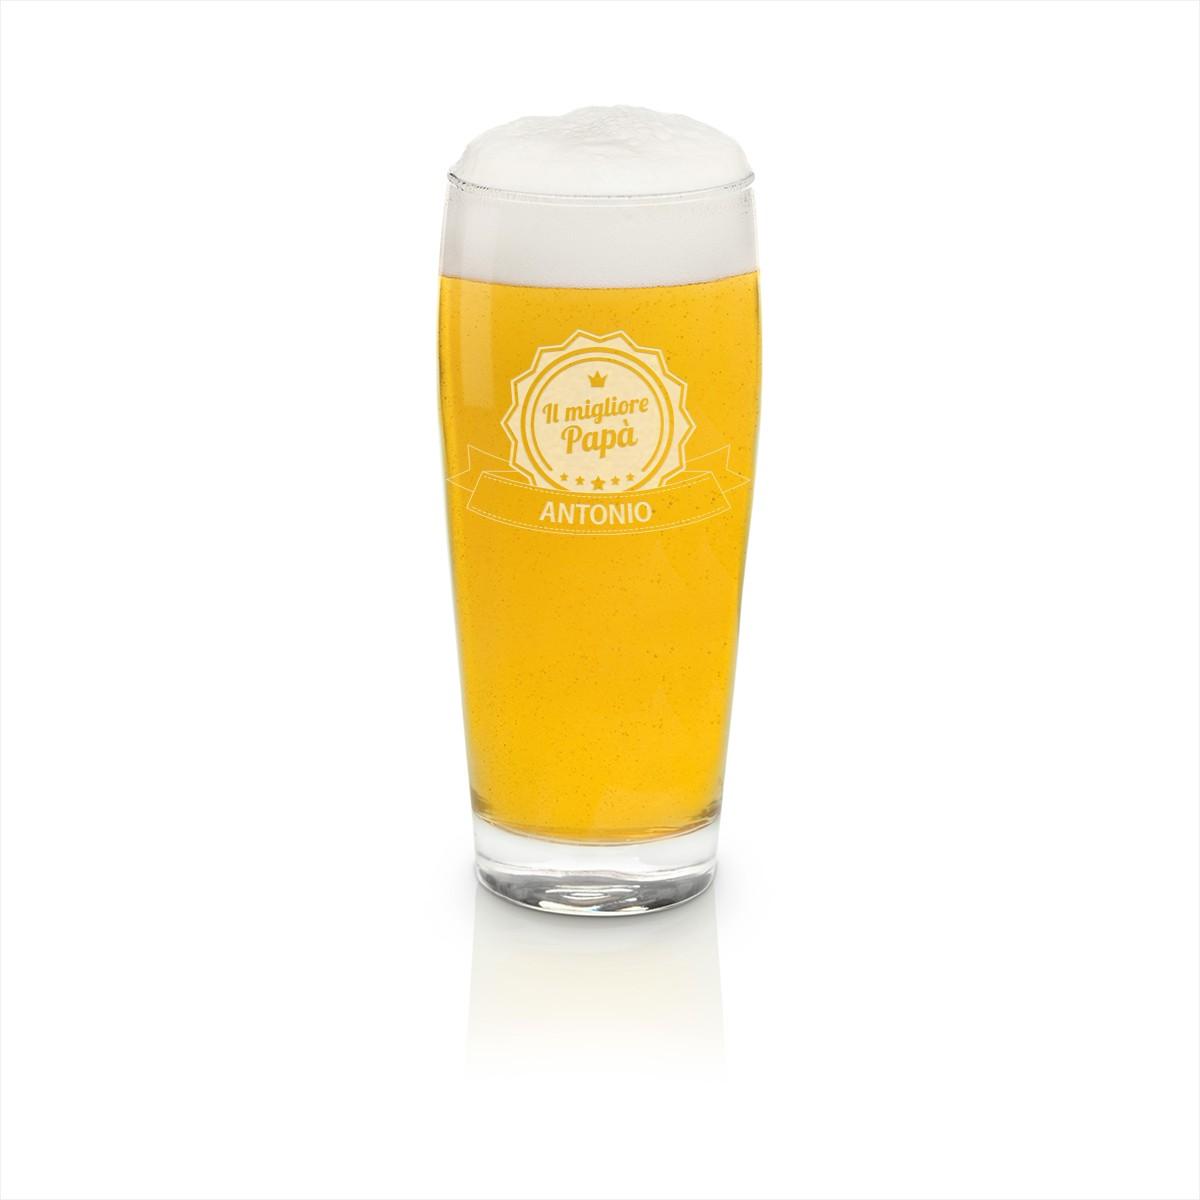 boccale da birra 200 ml personalizzabile, idee regalo per gli amanti della birra, idee regalo uomo